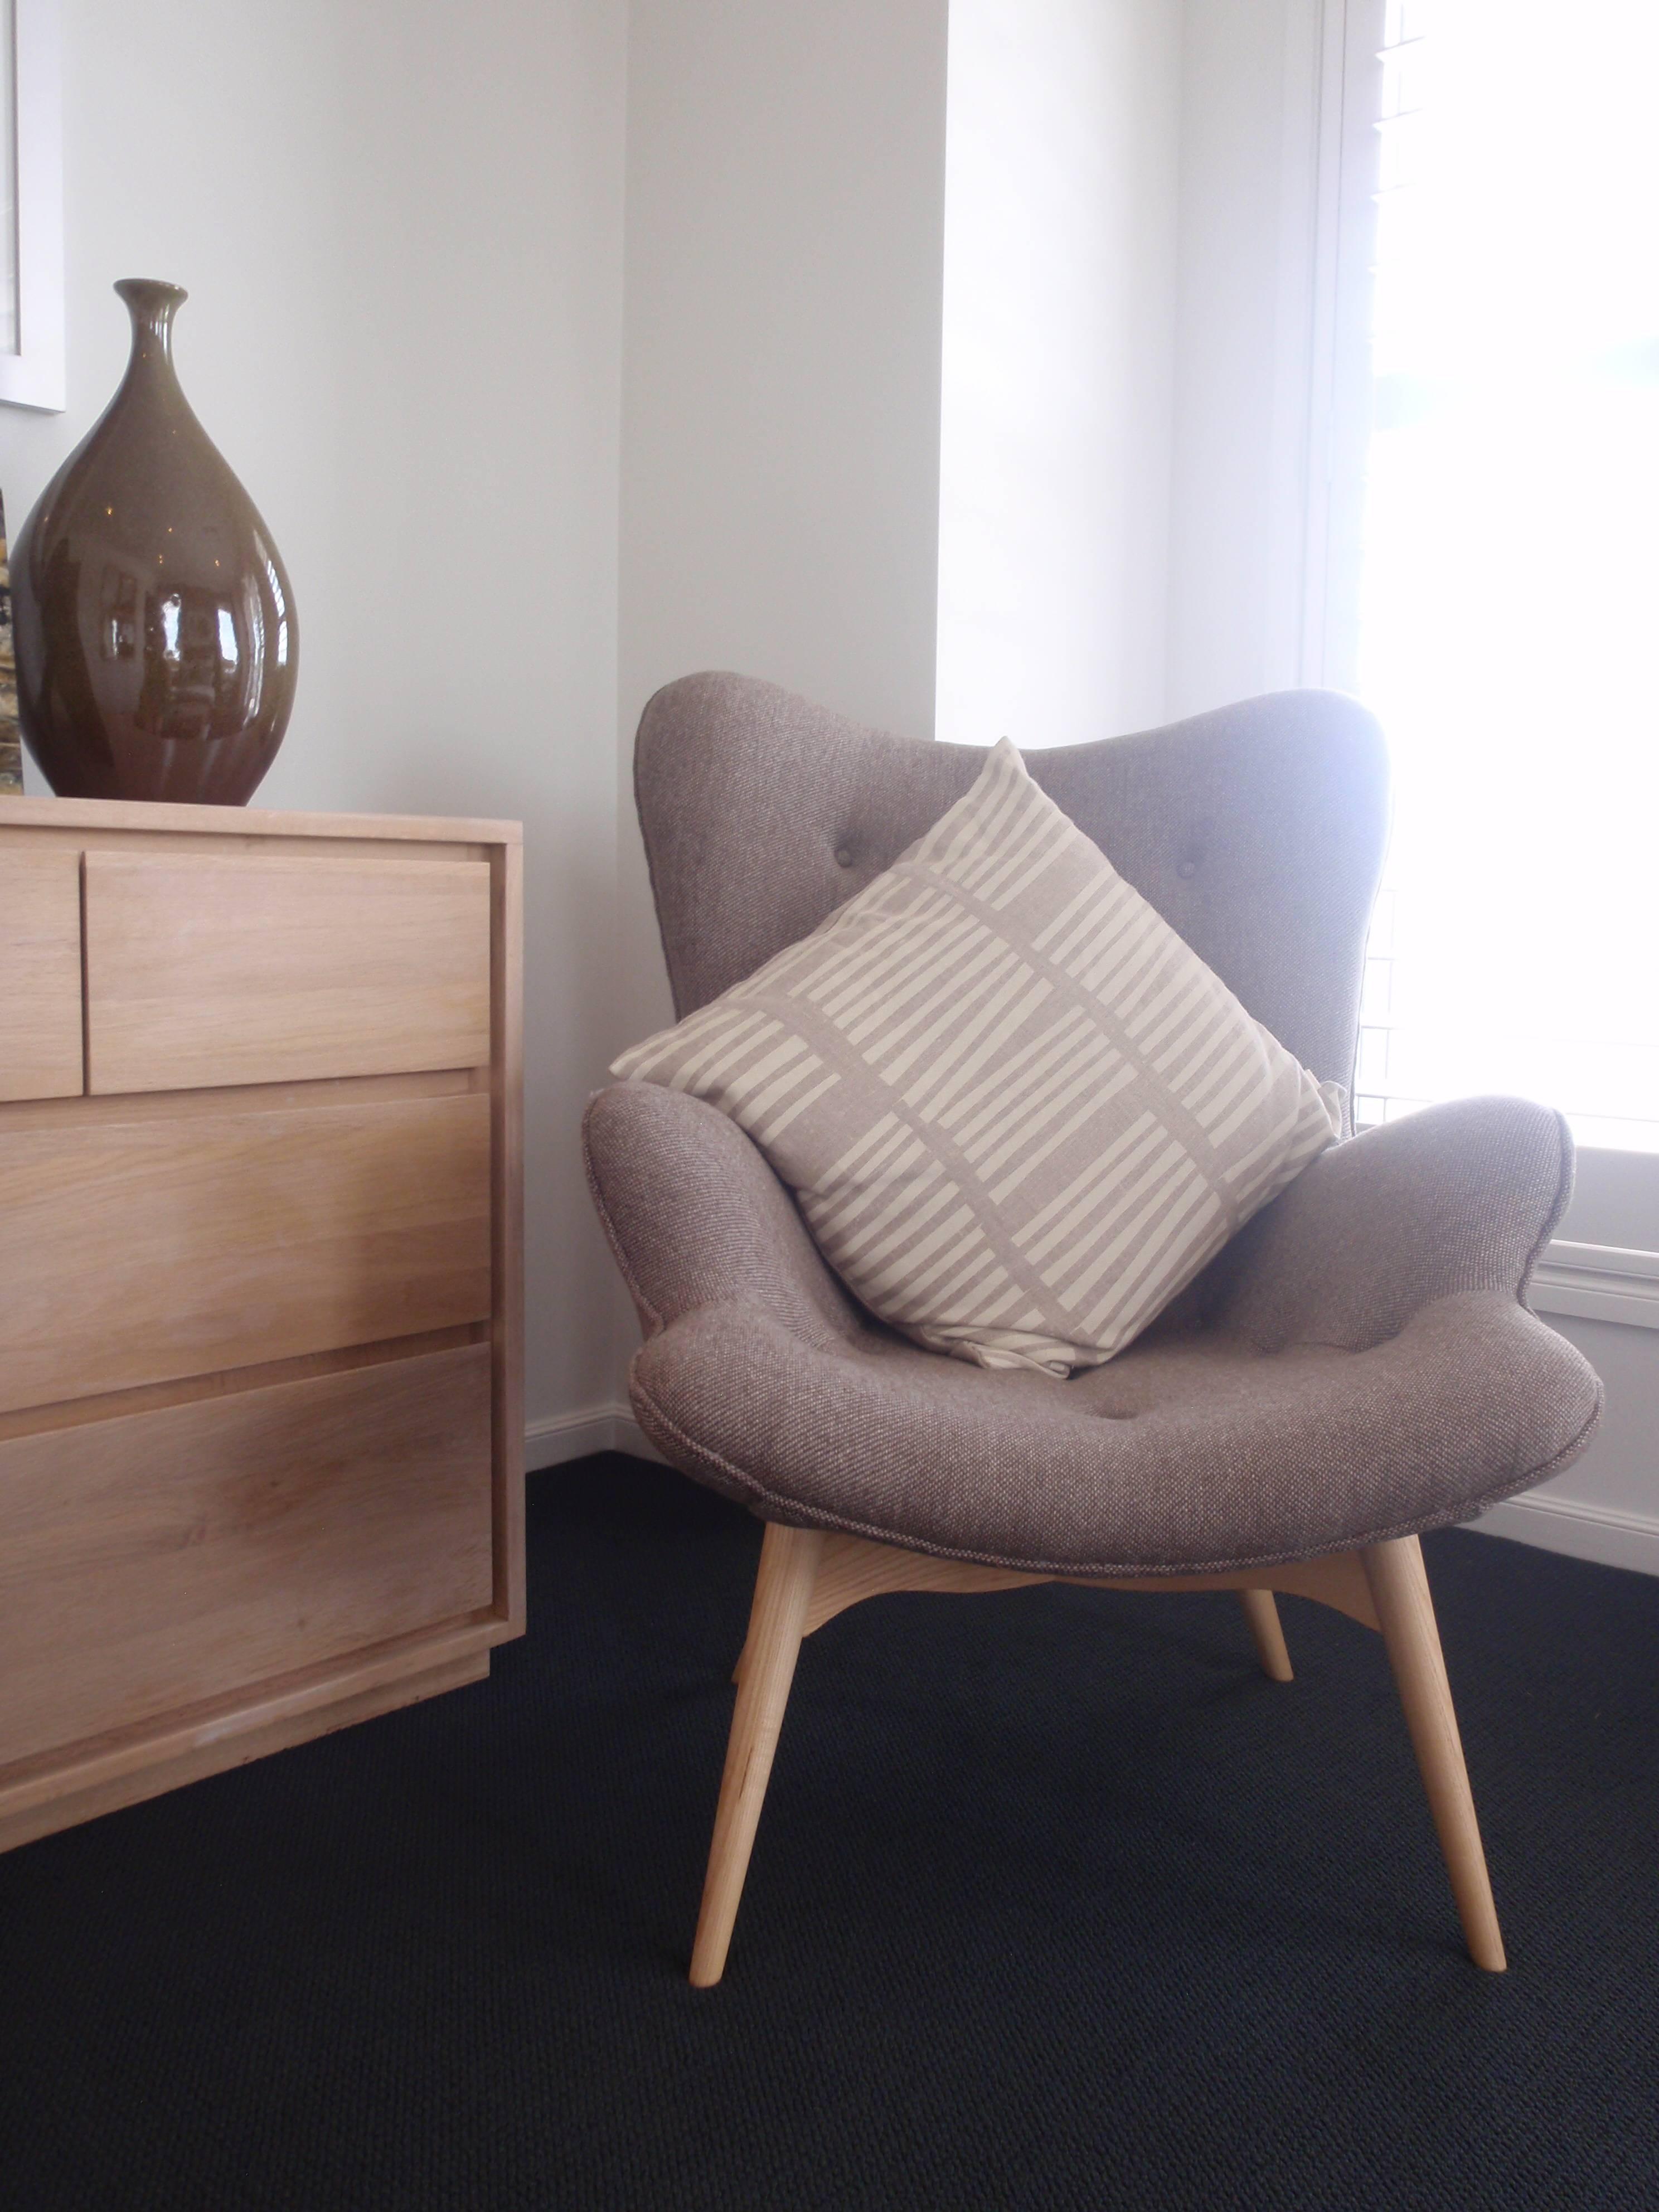 Bedroom Furniture : Designer Sofa Leather Corner Sofa Furniture within Bedroom Sofa Chairs (Image 7 of 30)